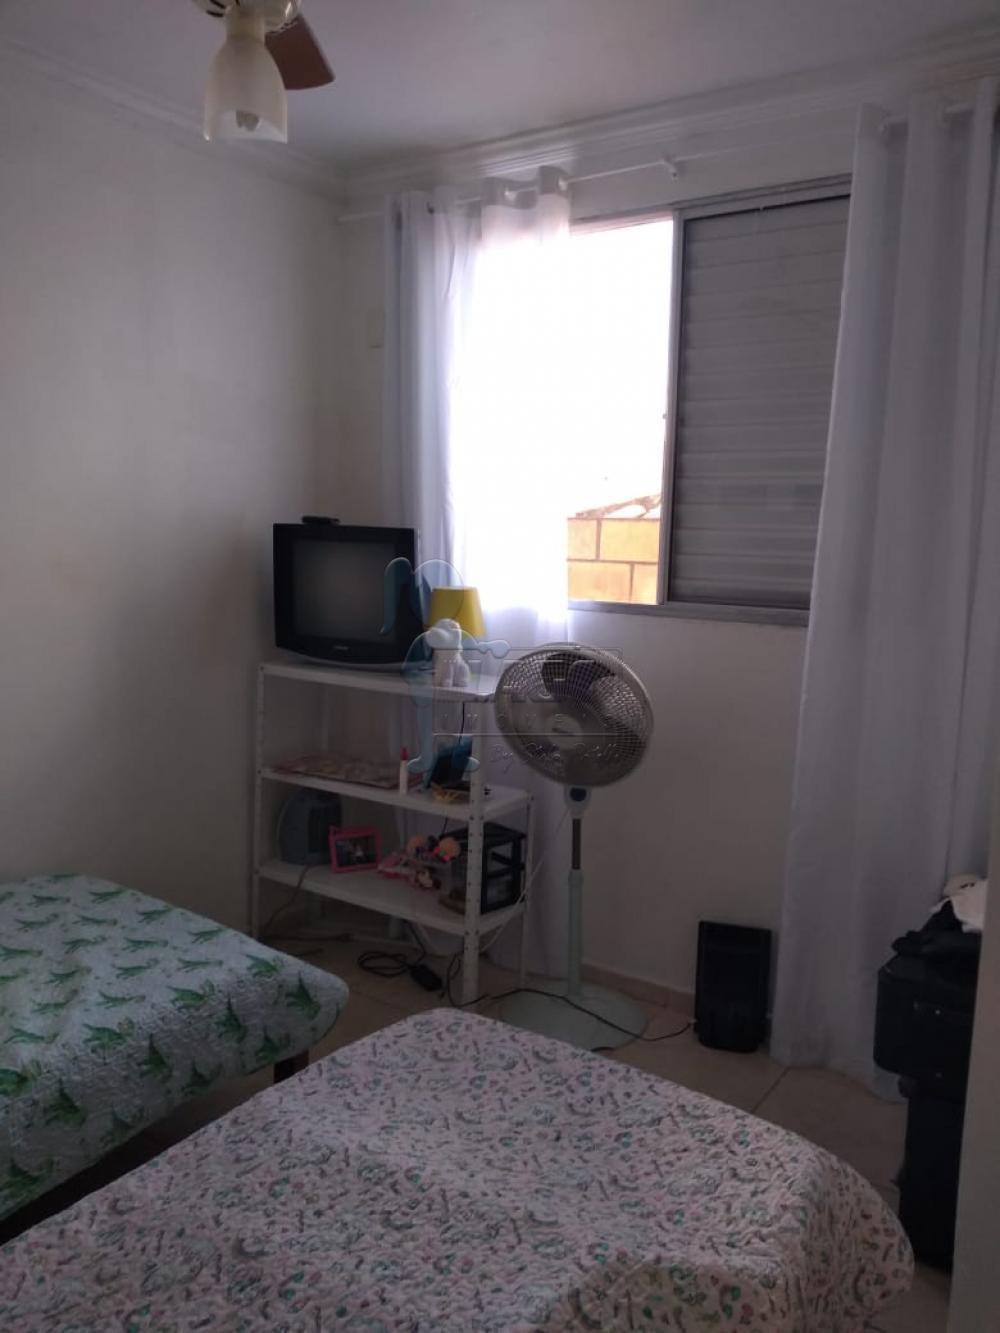 Alugar Casas / Condomínio em Ribeirão Preto apenas R$ 1.600,00 - Foto 9